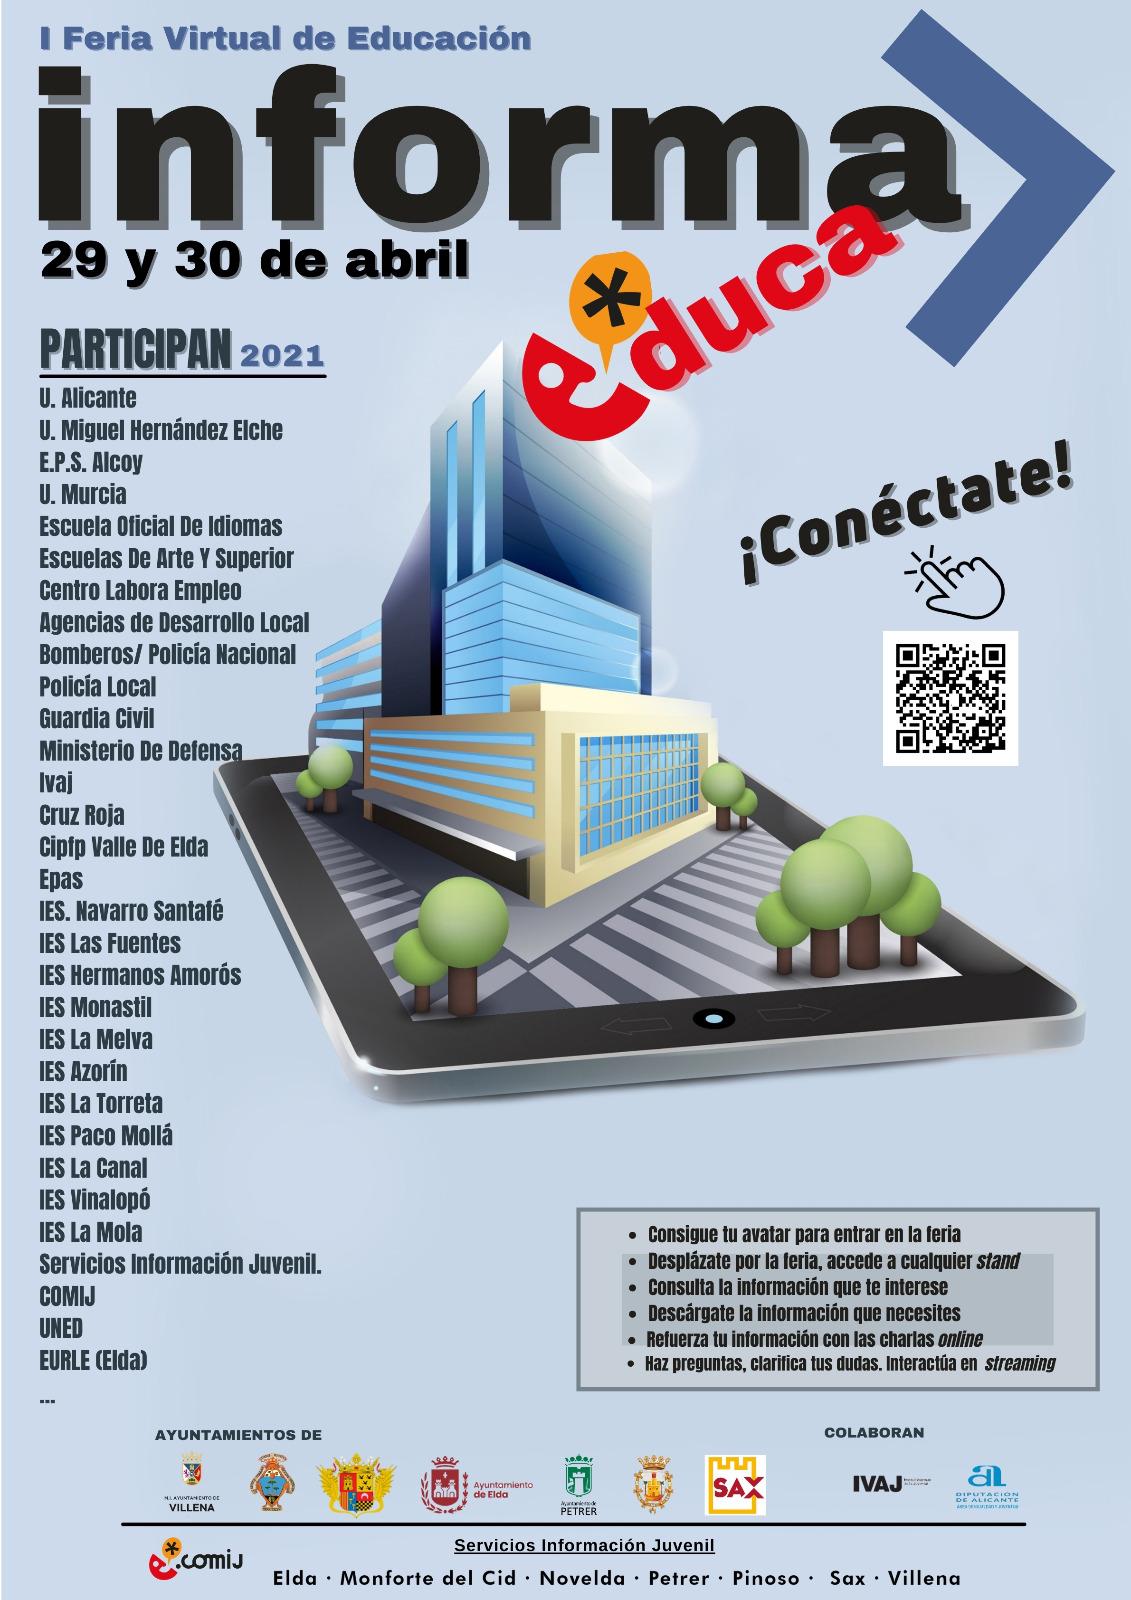 Cartel Feria Virtual Informa-educa